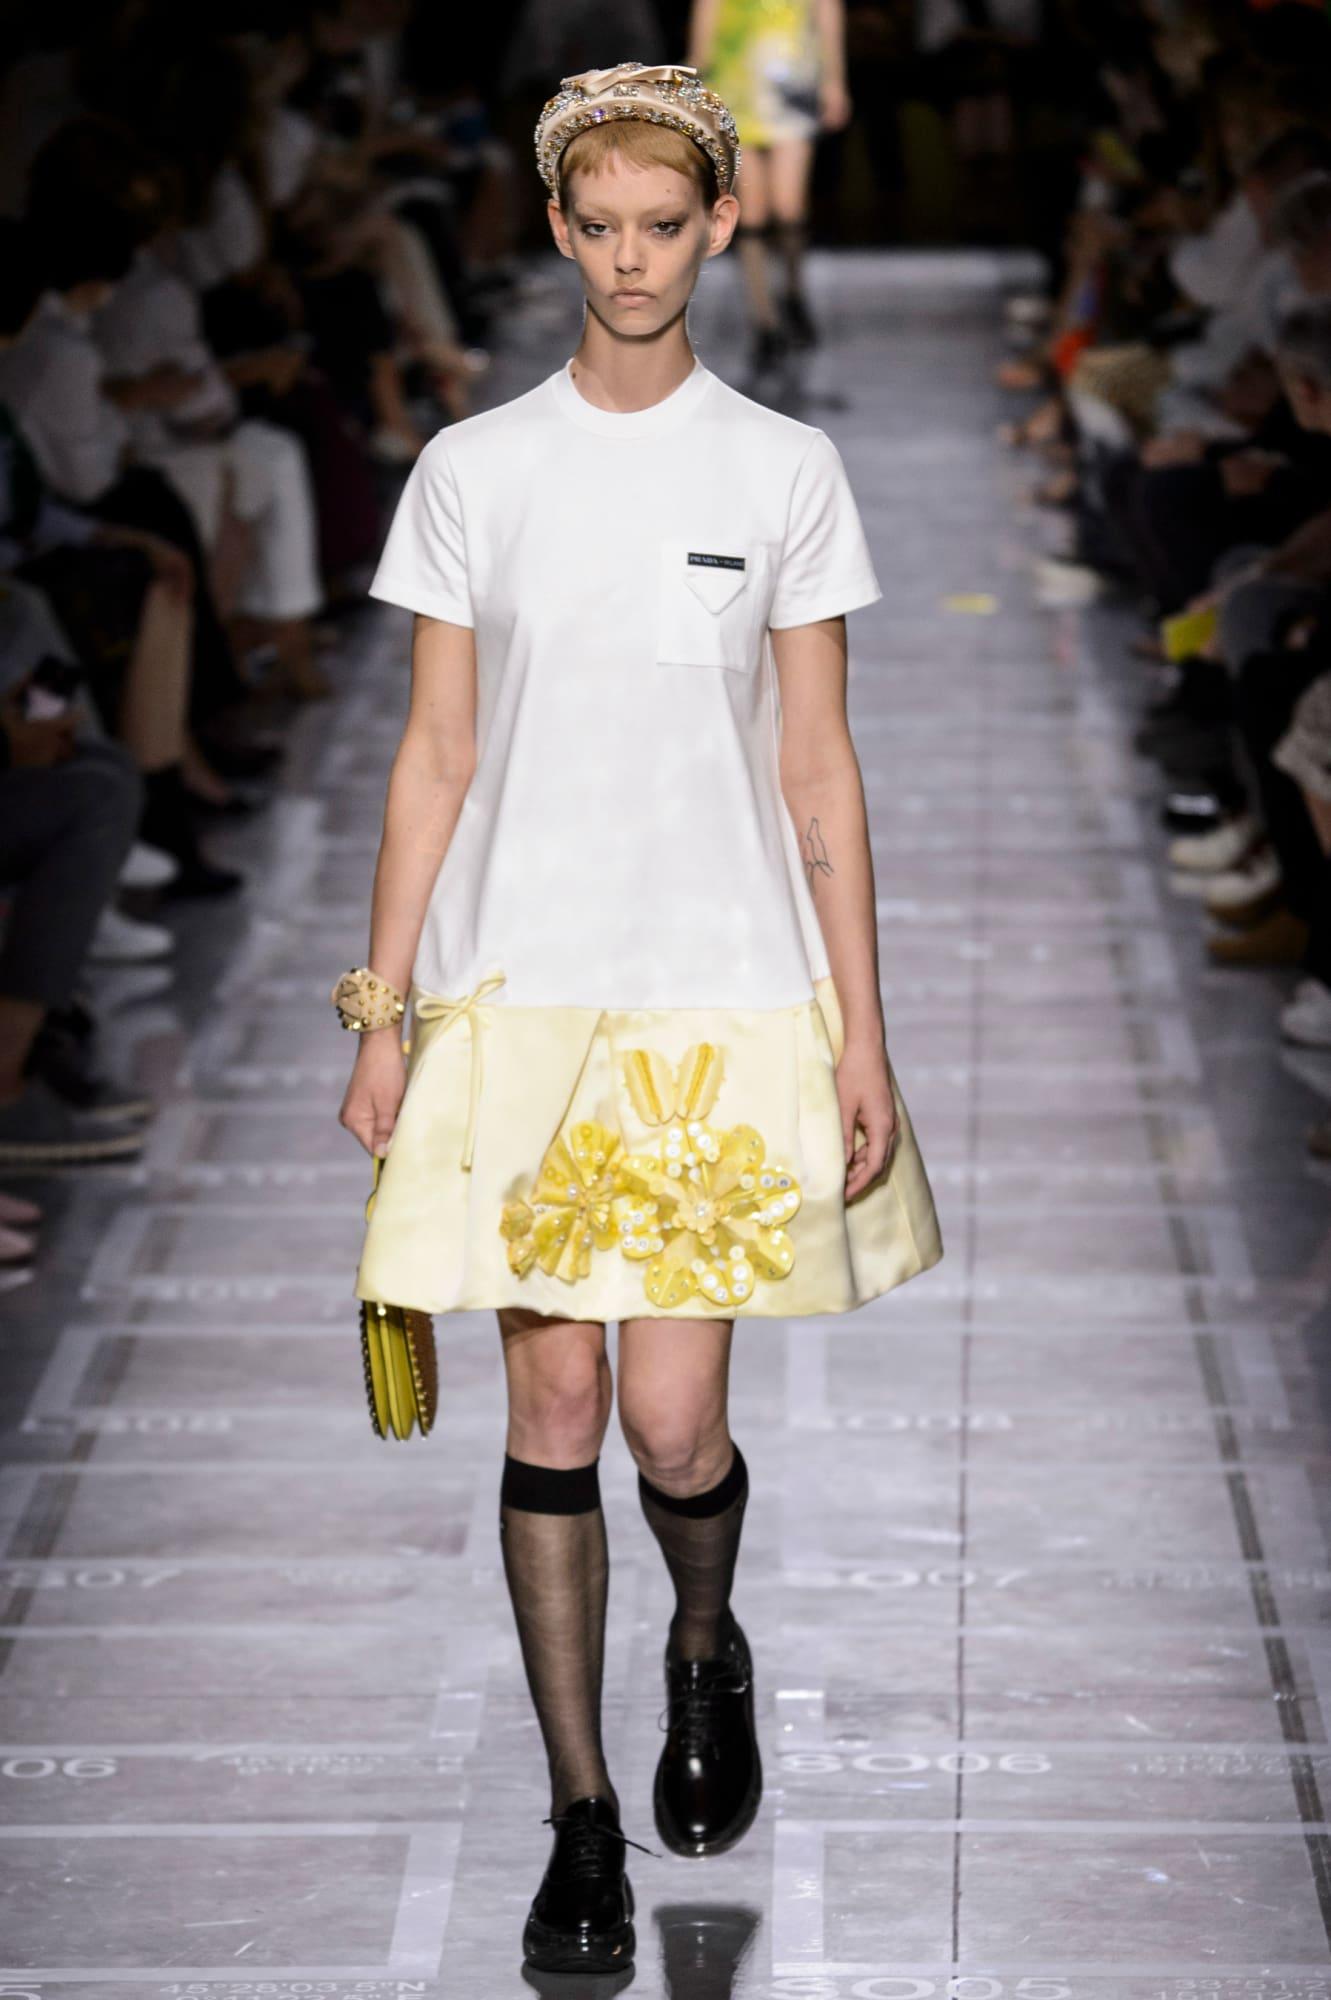 Retro kolekciu tvorili mladícke šaty z plachtoviny. Tento materiál bude  taktiež trendom sezóny jar leto 2019. 5e7c938e7b2